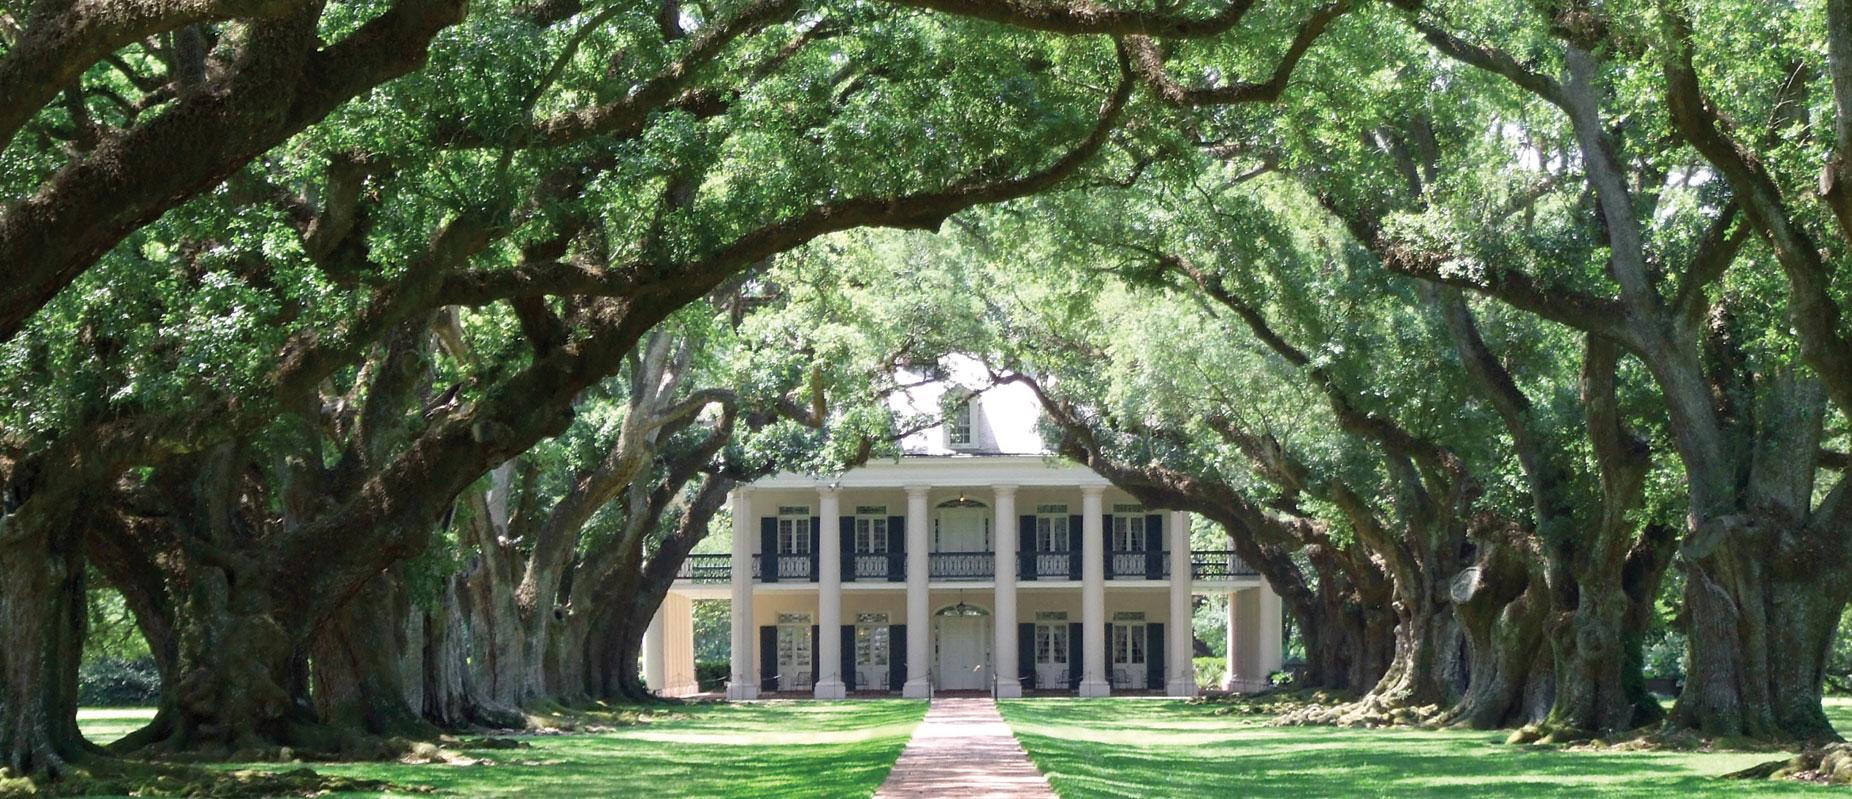 Antique Deep South R J Tours Sourn Plantation Homes Tennessee Sourn Plantation Homes Sale Sale Cheap curbed Southern Plantation Homes